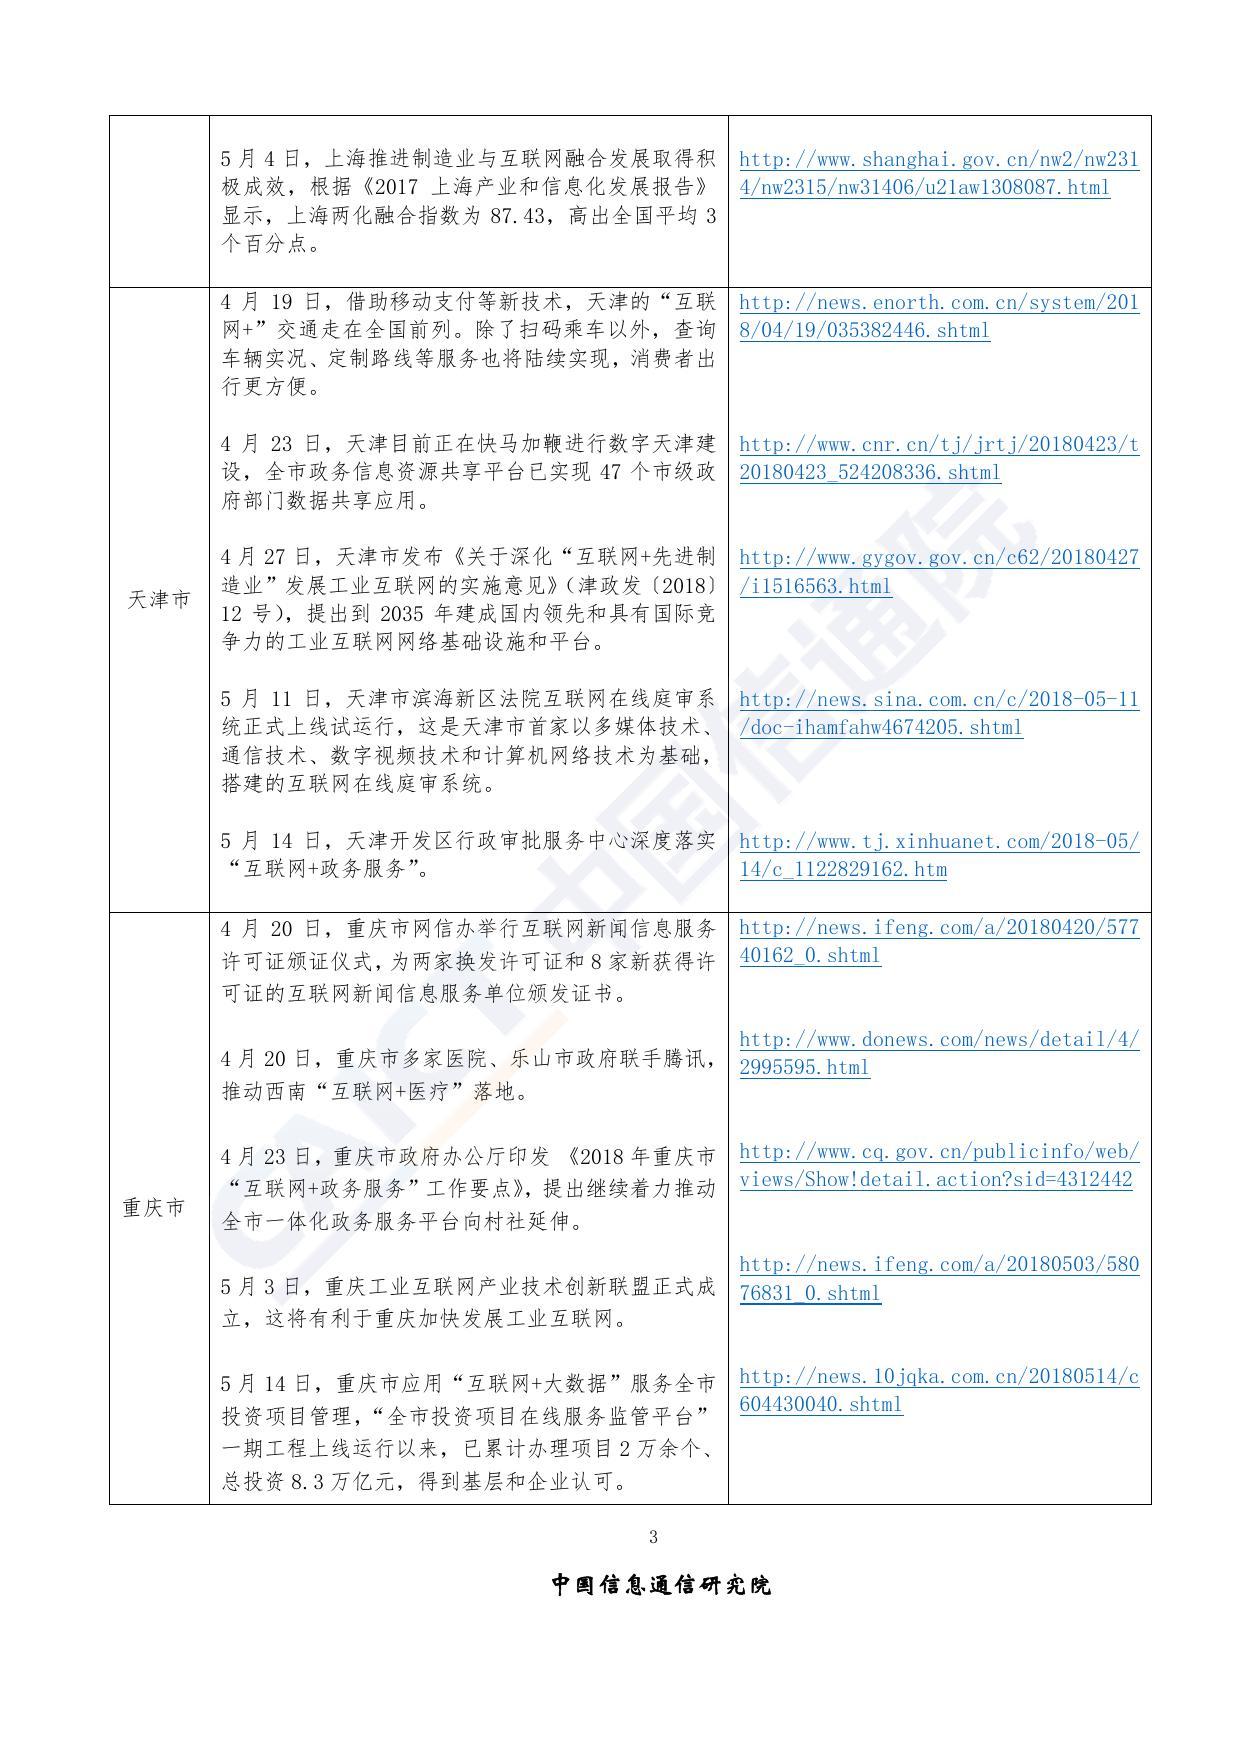 """2018年5月""""互联网""""发展情况舆情监测_000006.jpg"""